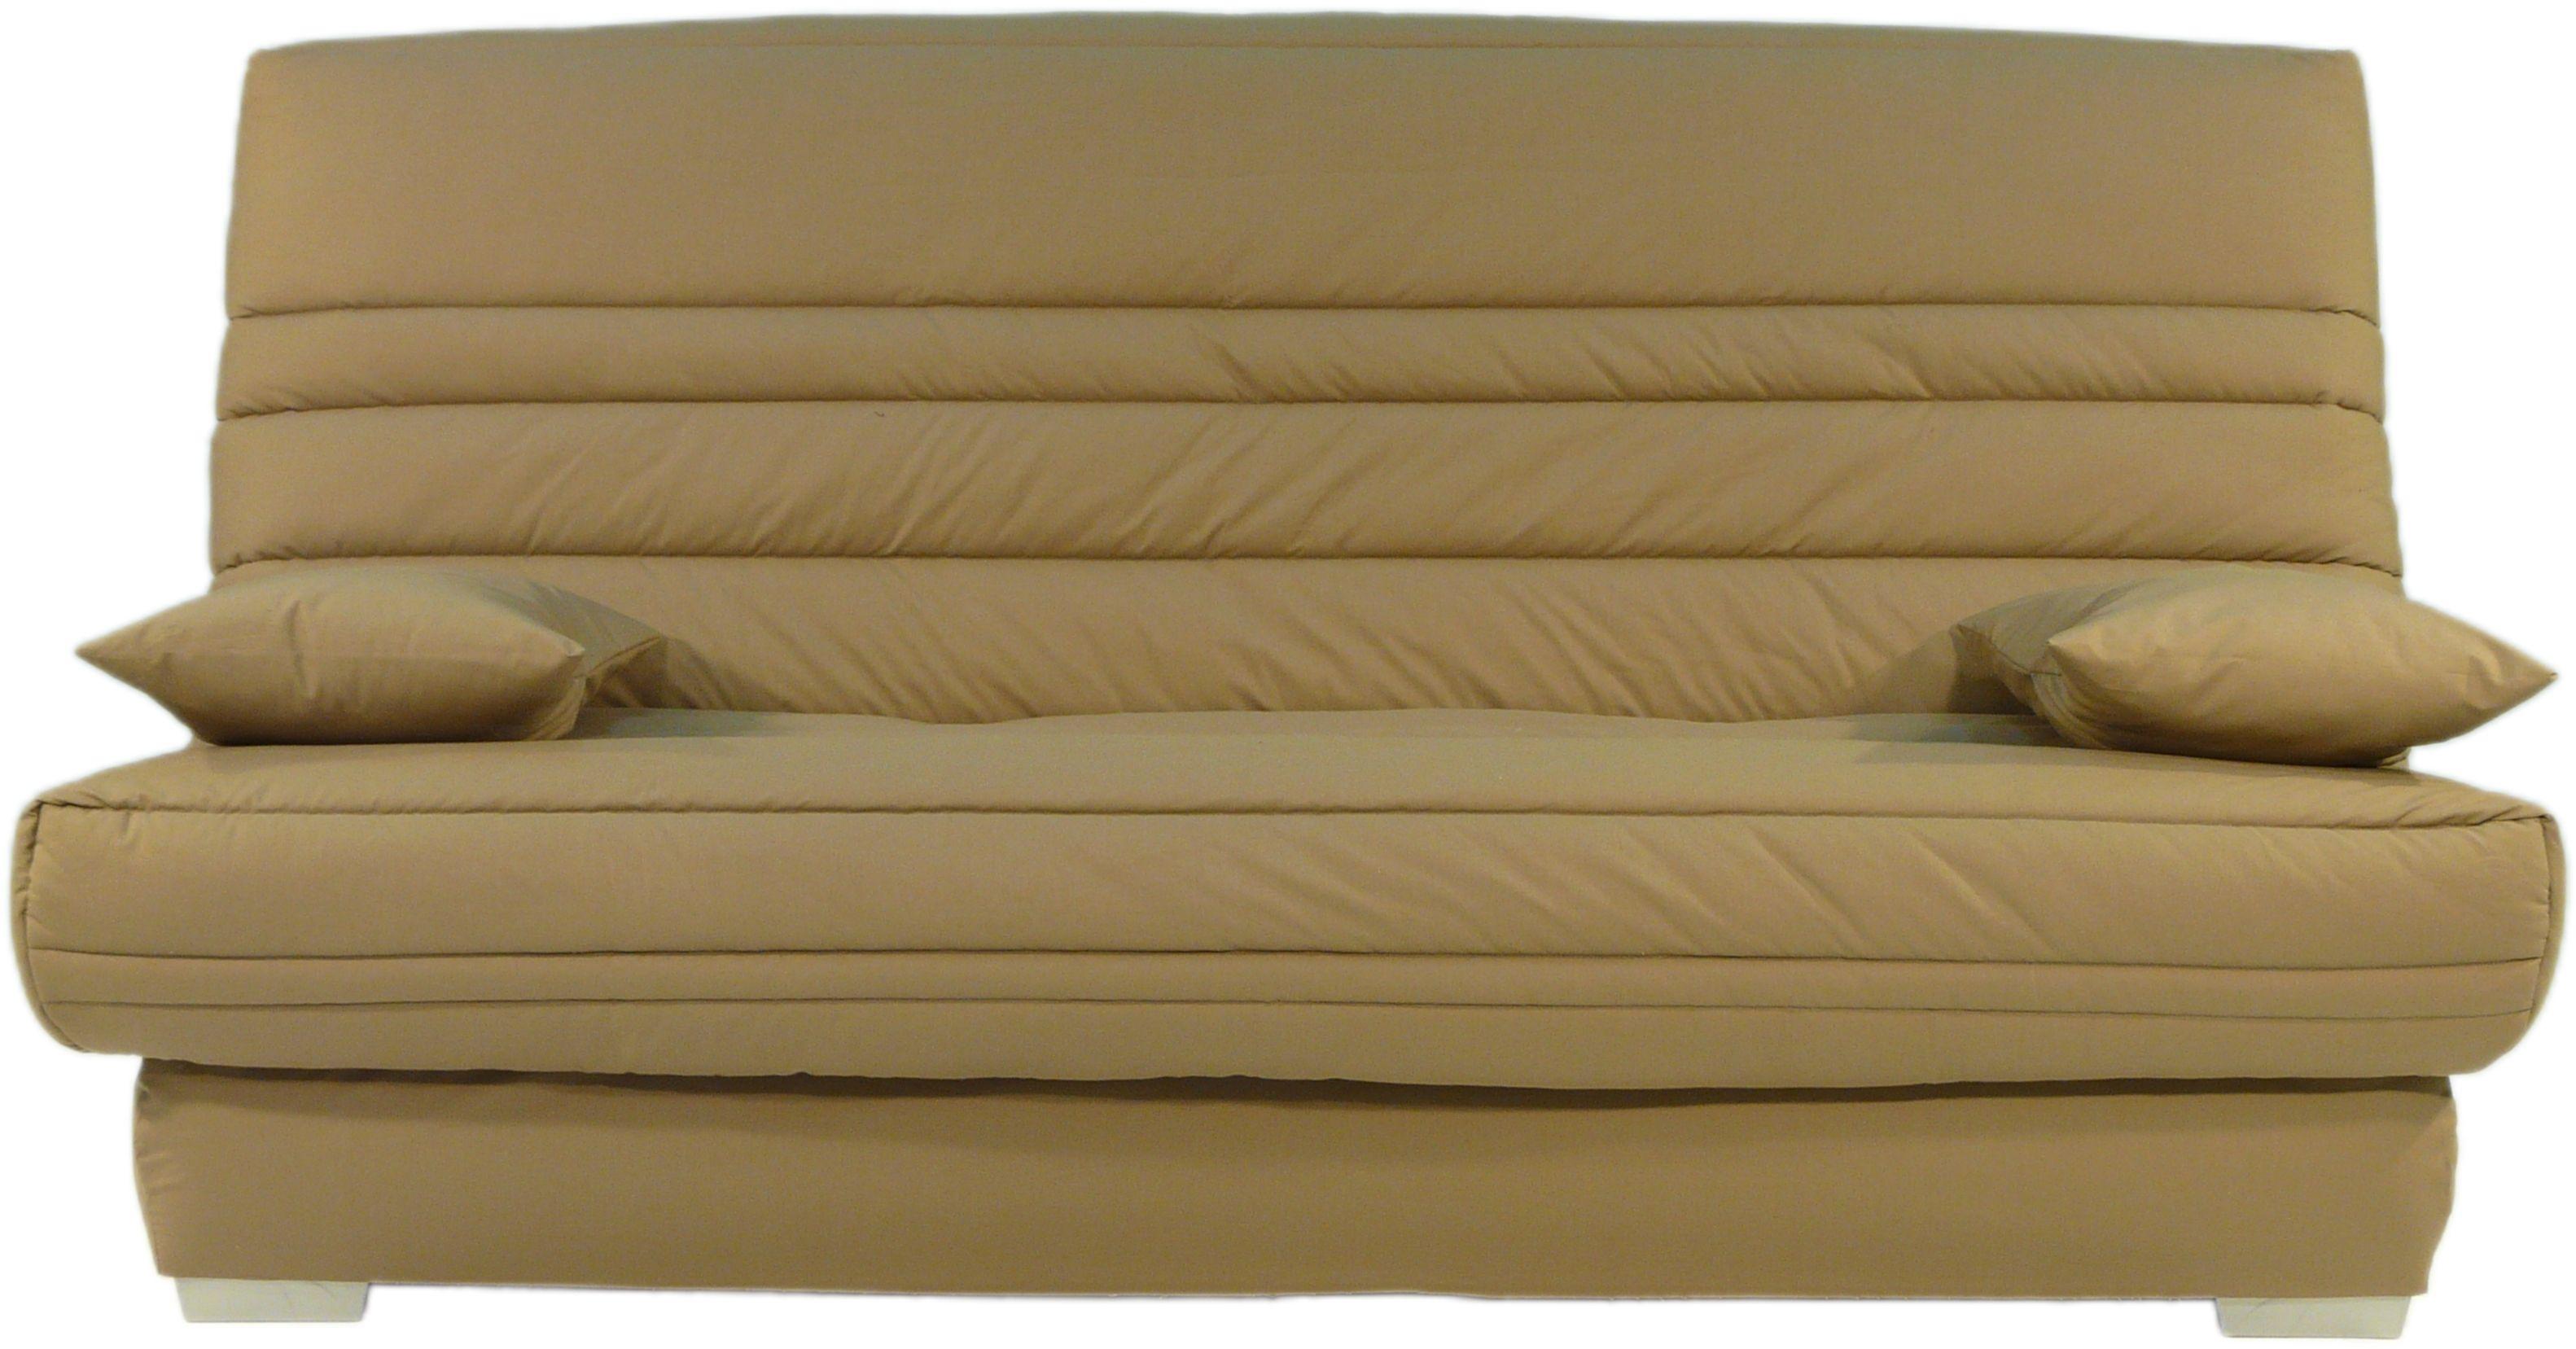 Clic Clac Taupe Sofaconfort 14 Cm Sofia En 2020 Coussin Deco Matelas Deux Canapes